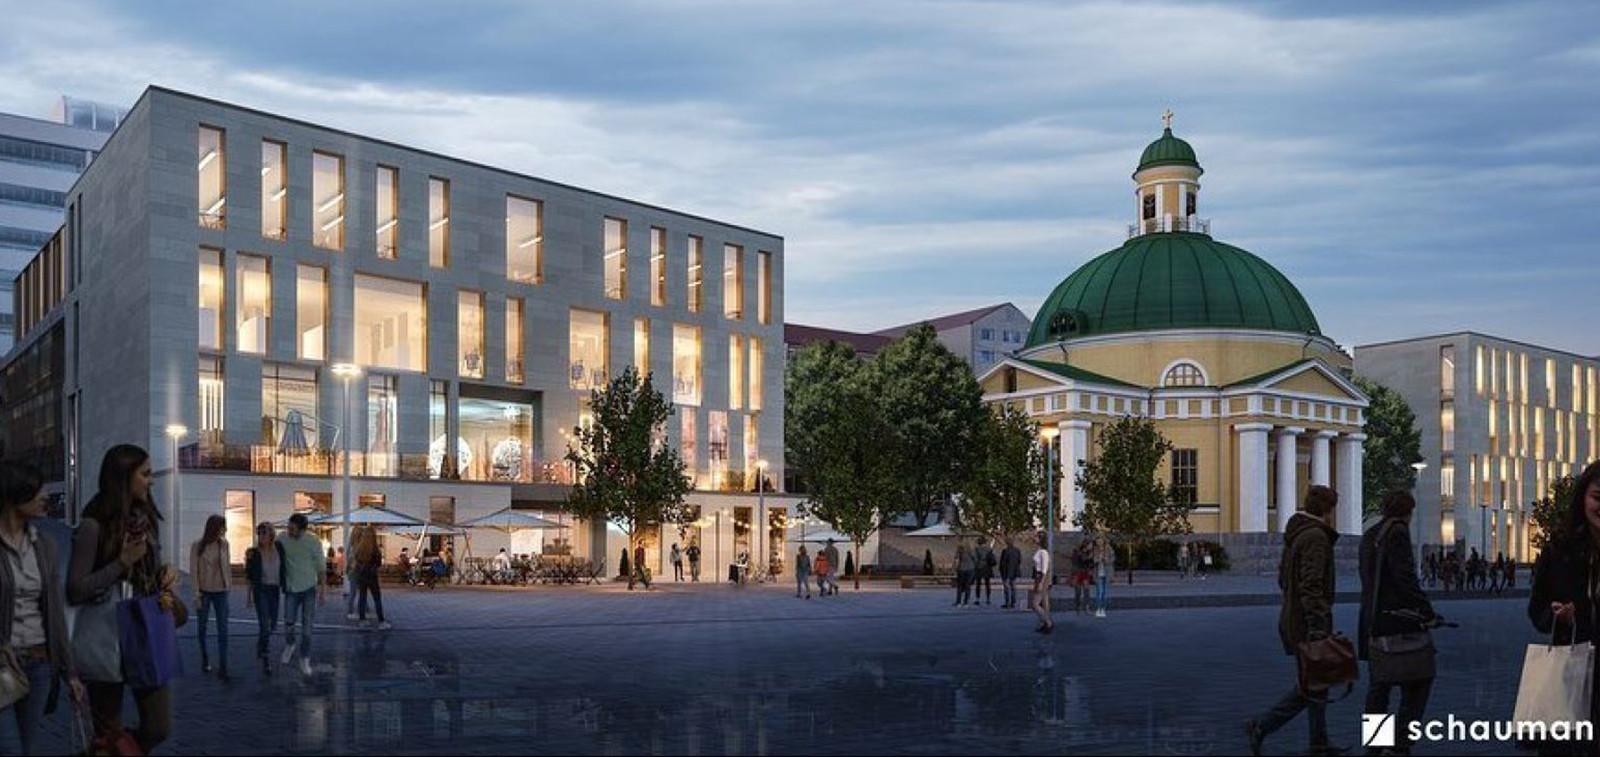 Arkkitehtitoimiston havainnekuva, jossa esitetään uusia rakennuksia Yliopistonkadulle ortodoksisen kirkon viereen.